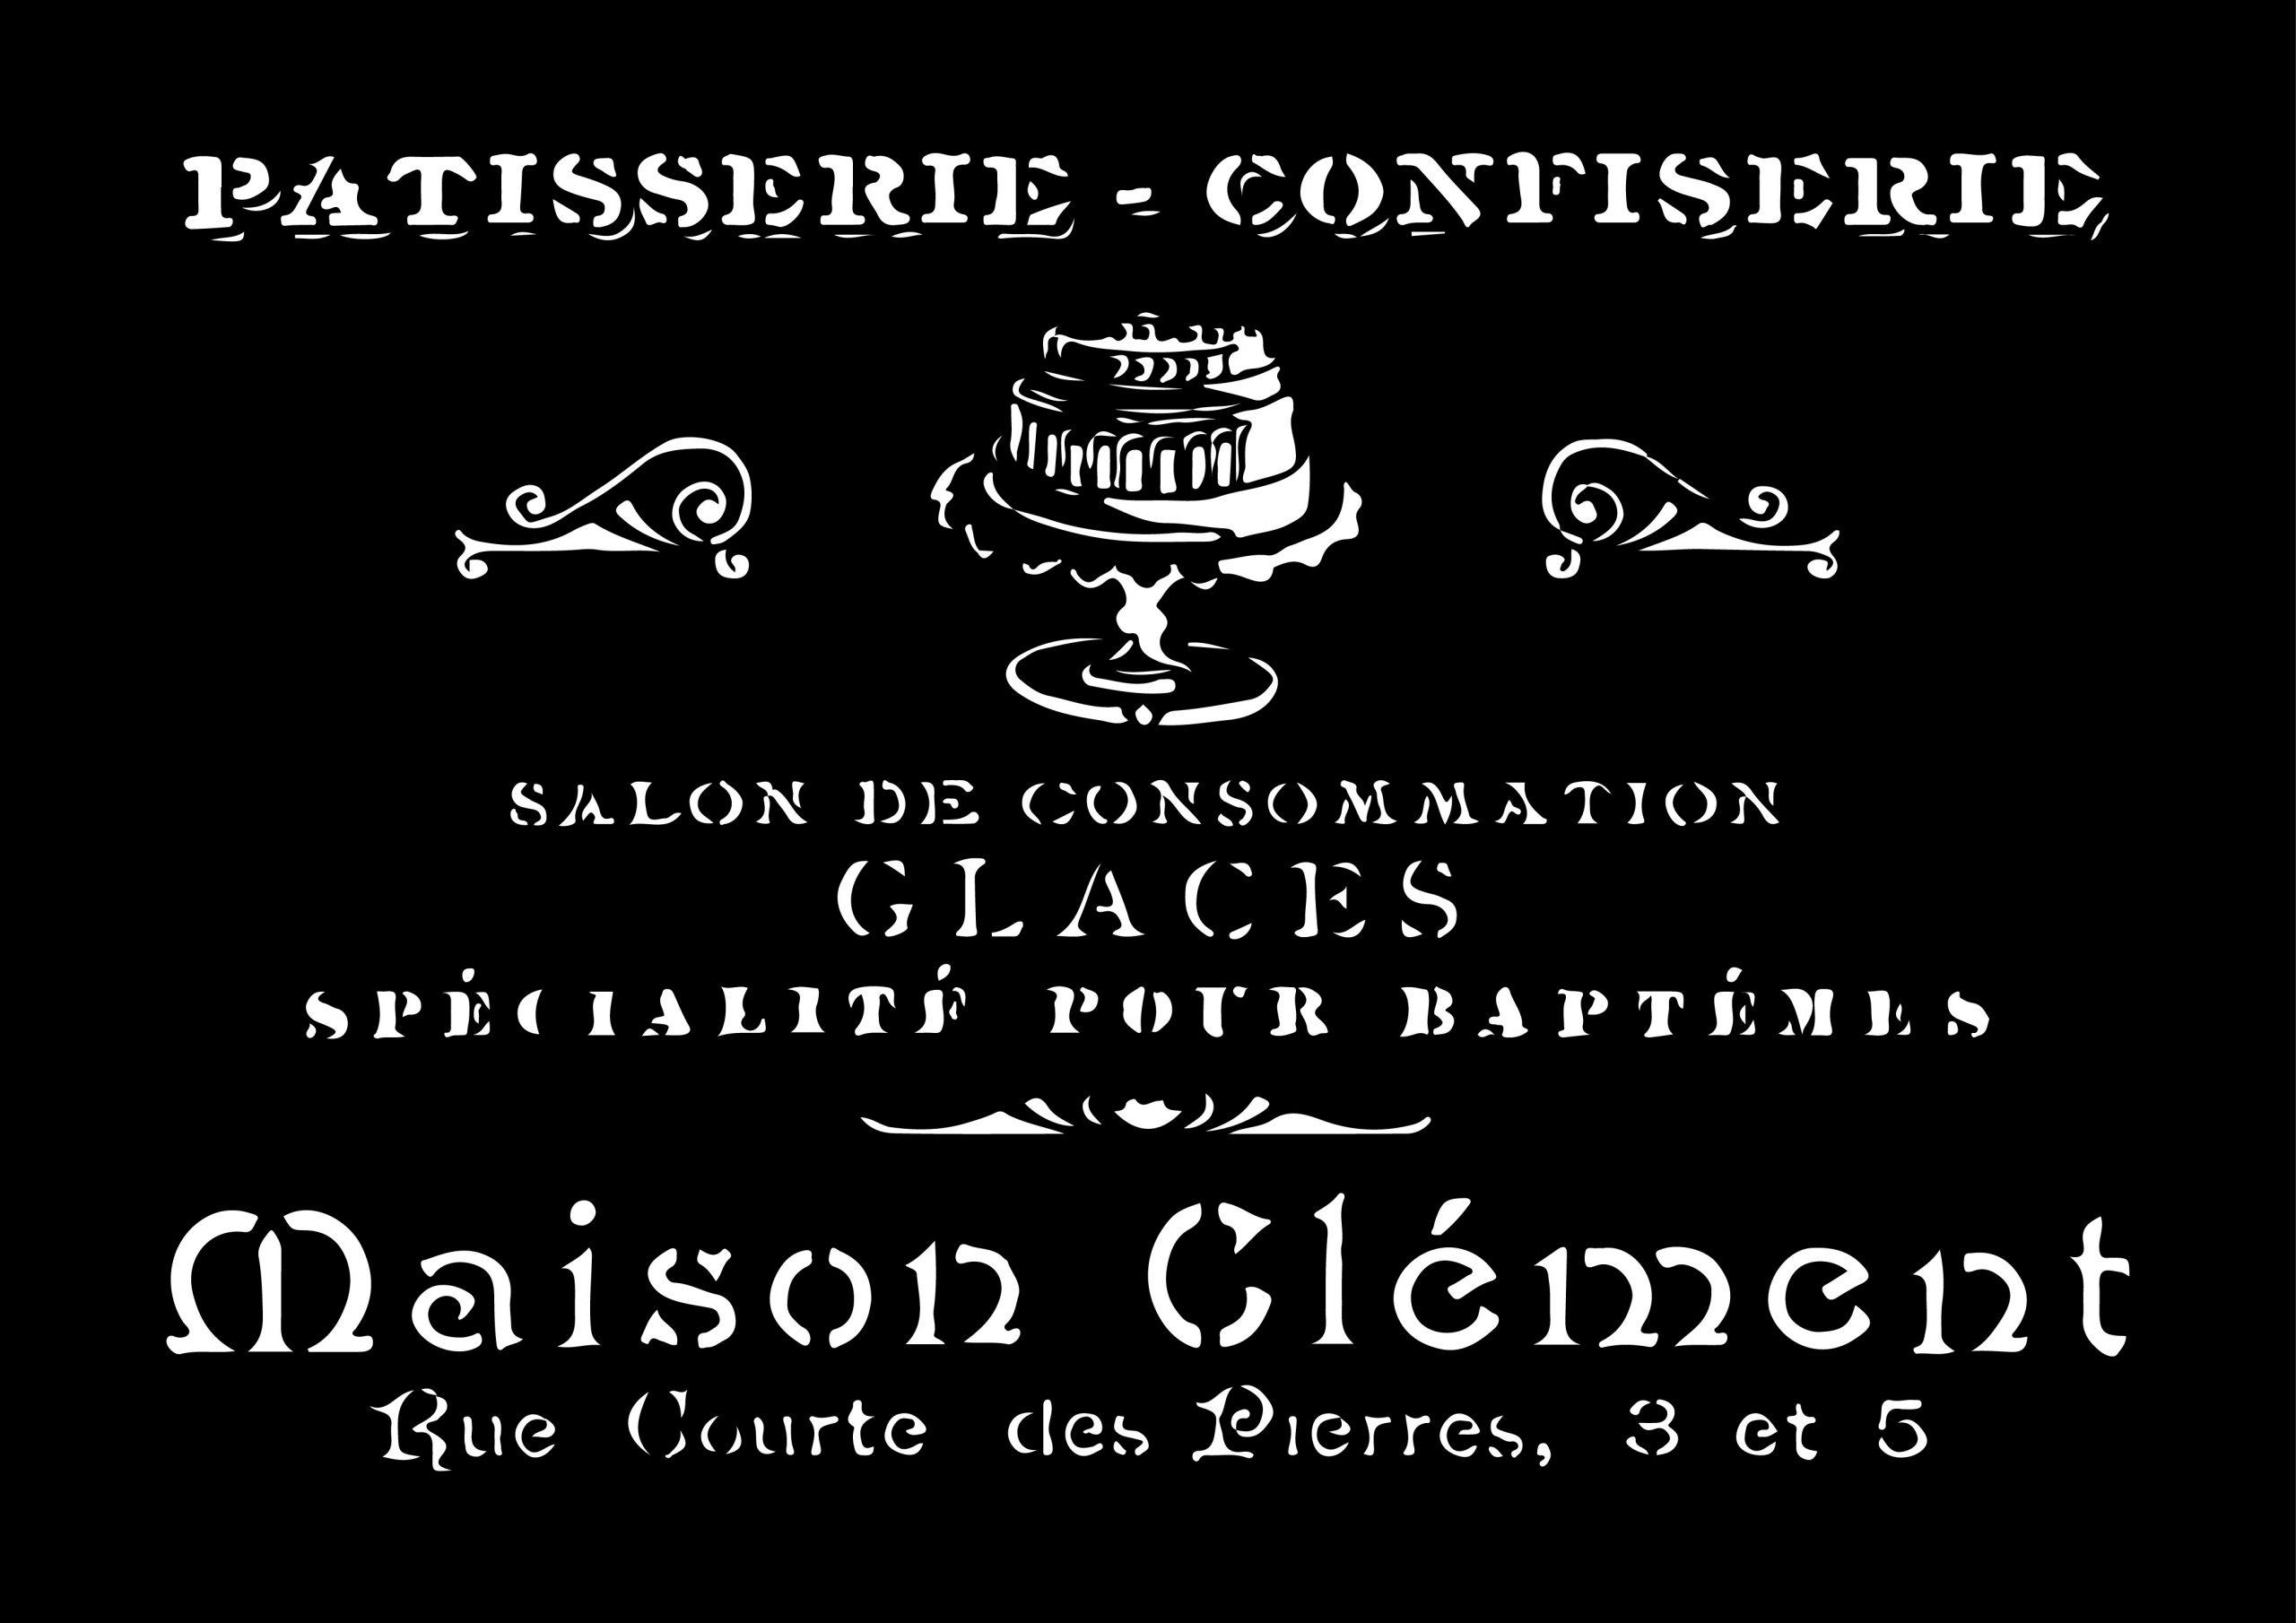 Maison Clement - 1